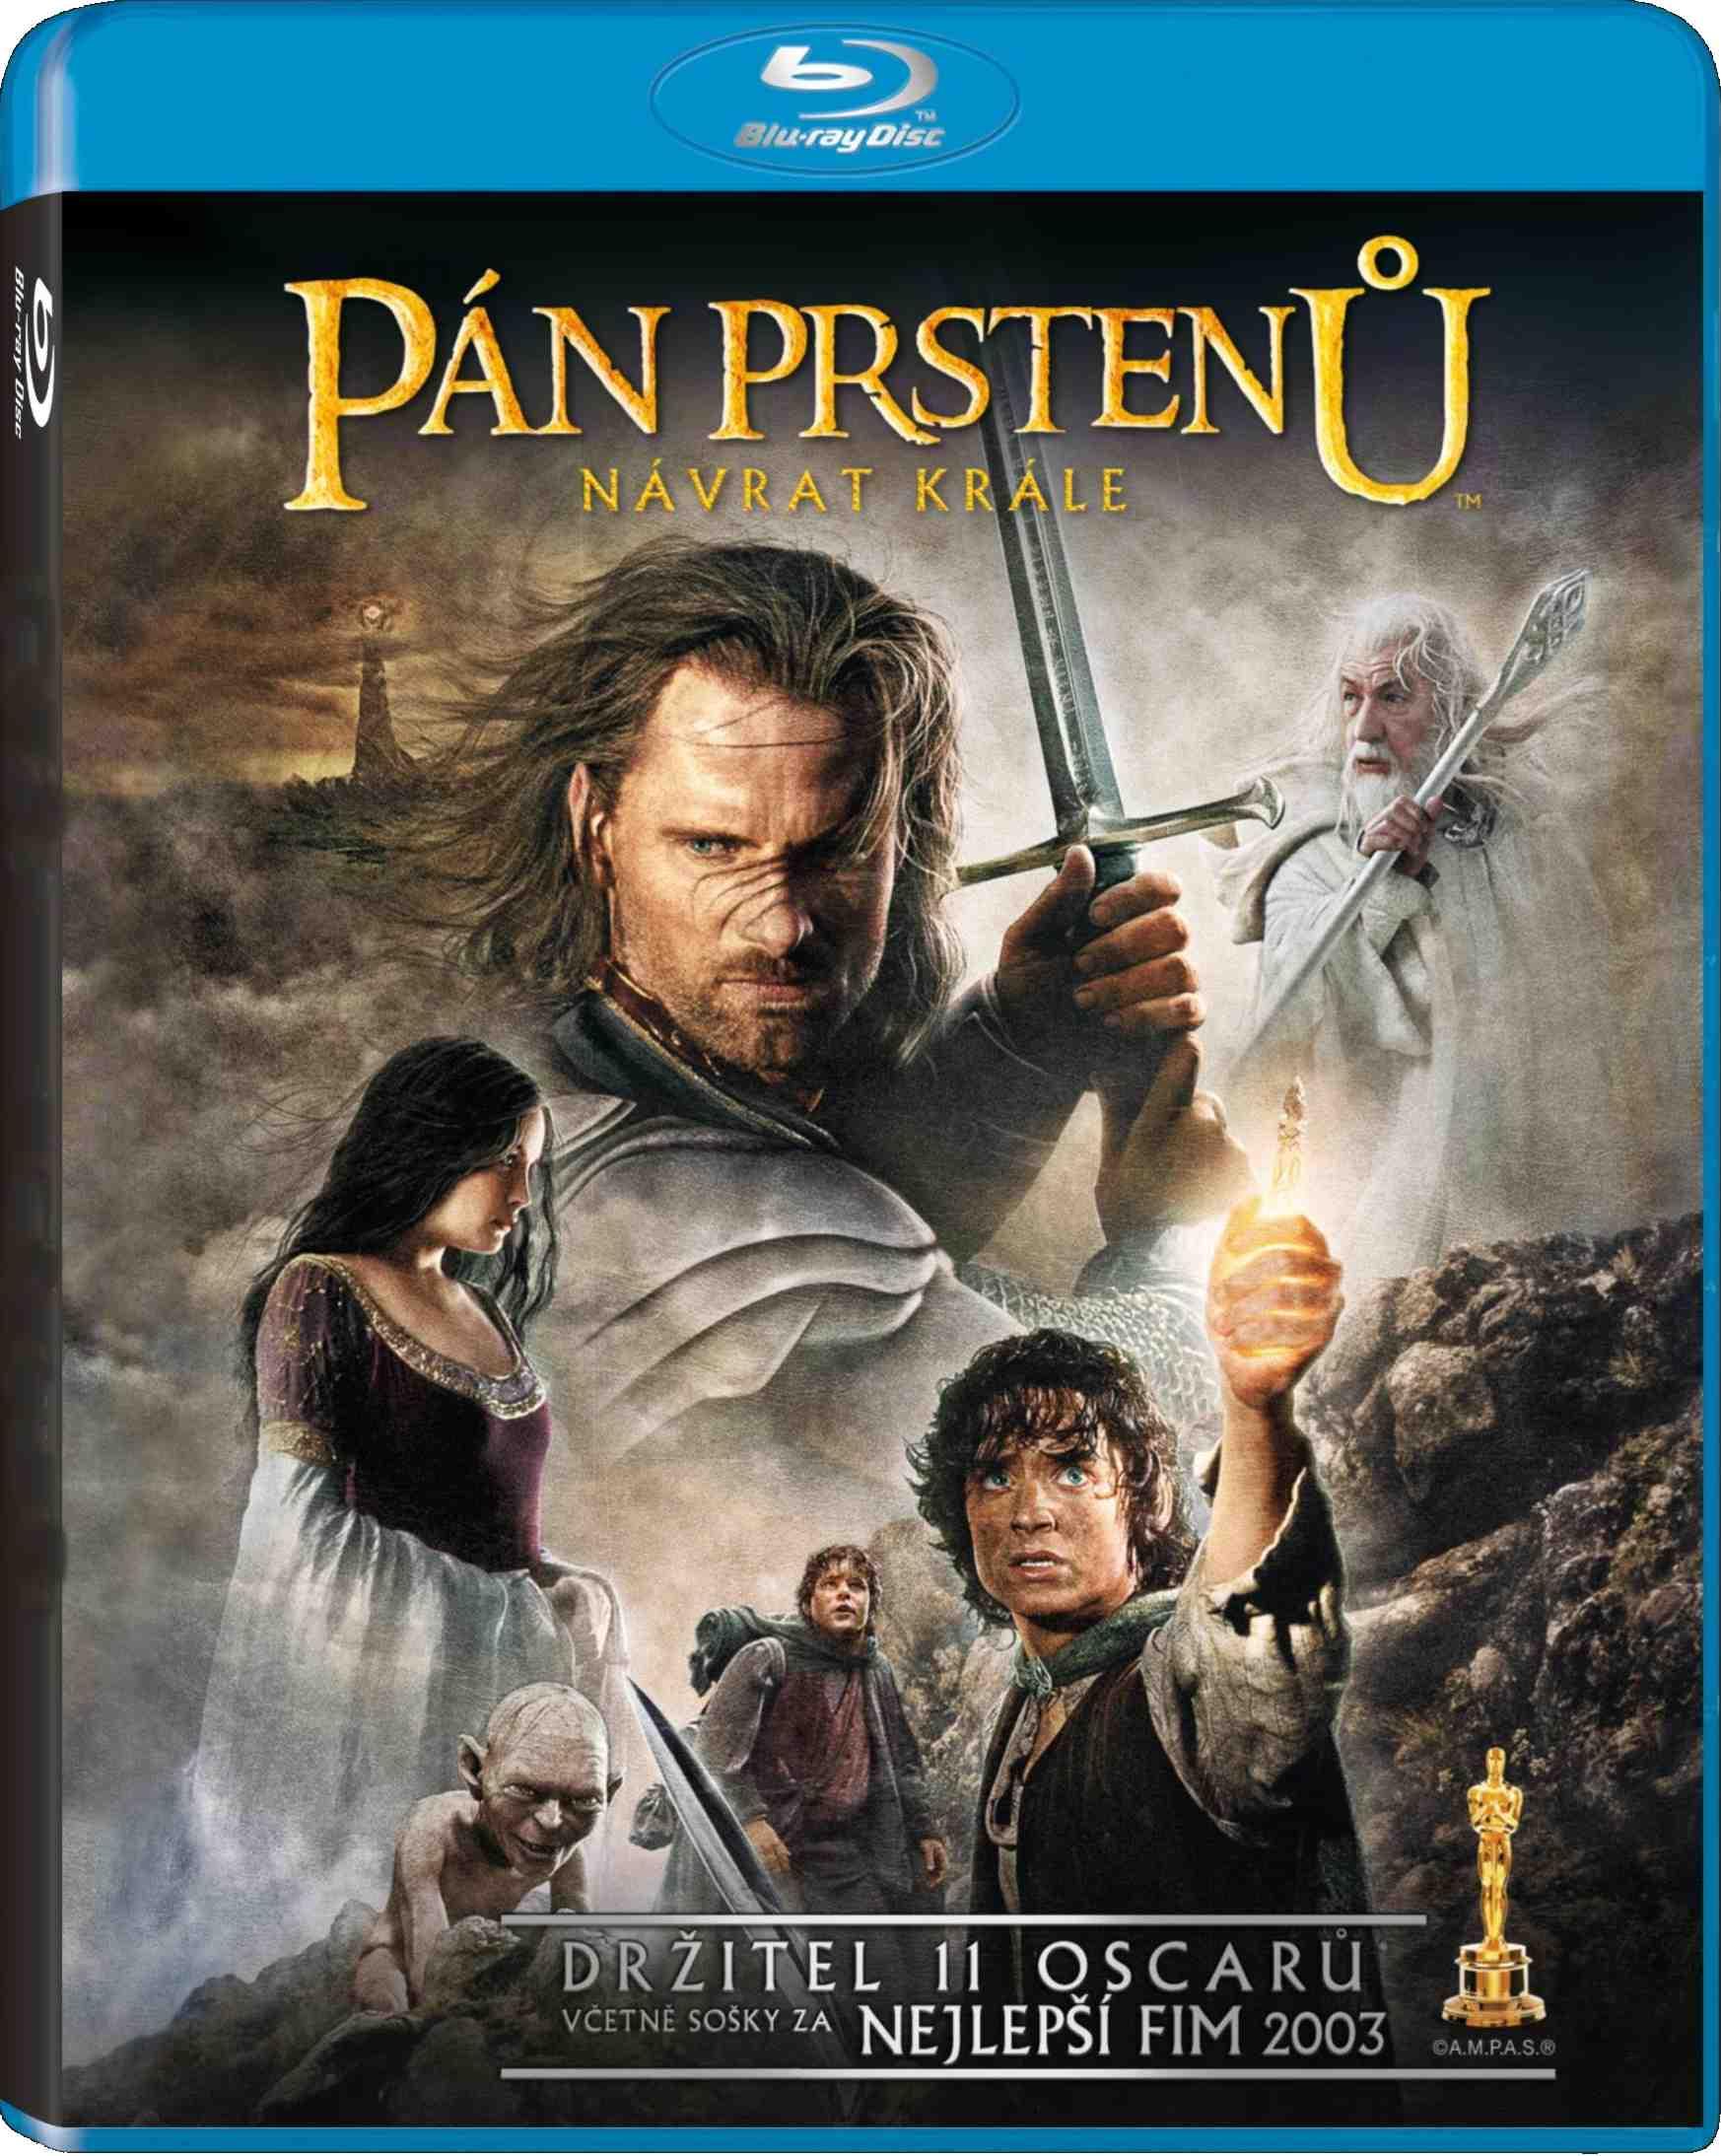 PÁN PRSTENŮ: NÁVRAT KRÁLE - Blu-ray